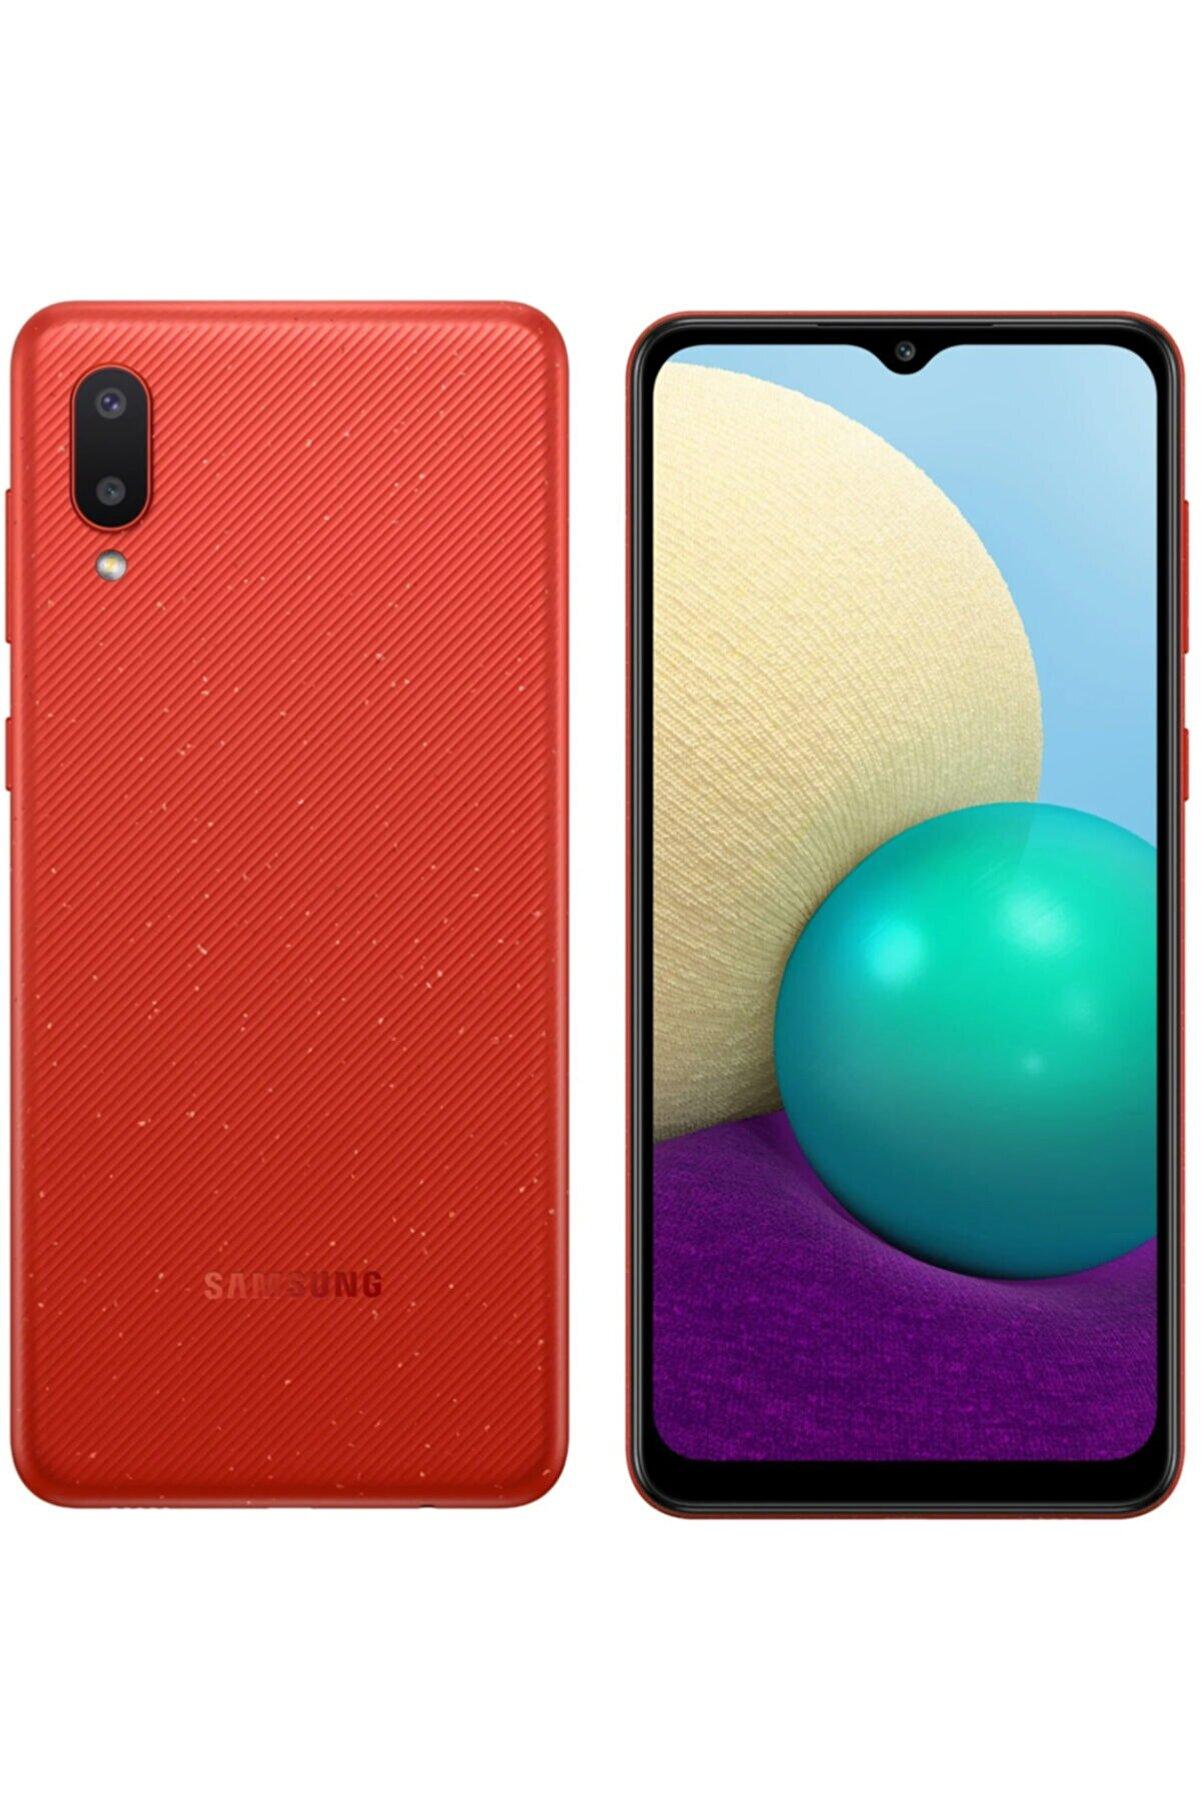 Samsung Galaxy A02 32GB Kırmızı Cep Telefonu (Samsung Türkiye Garantili)